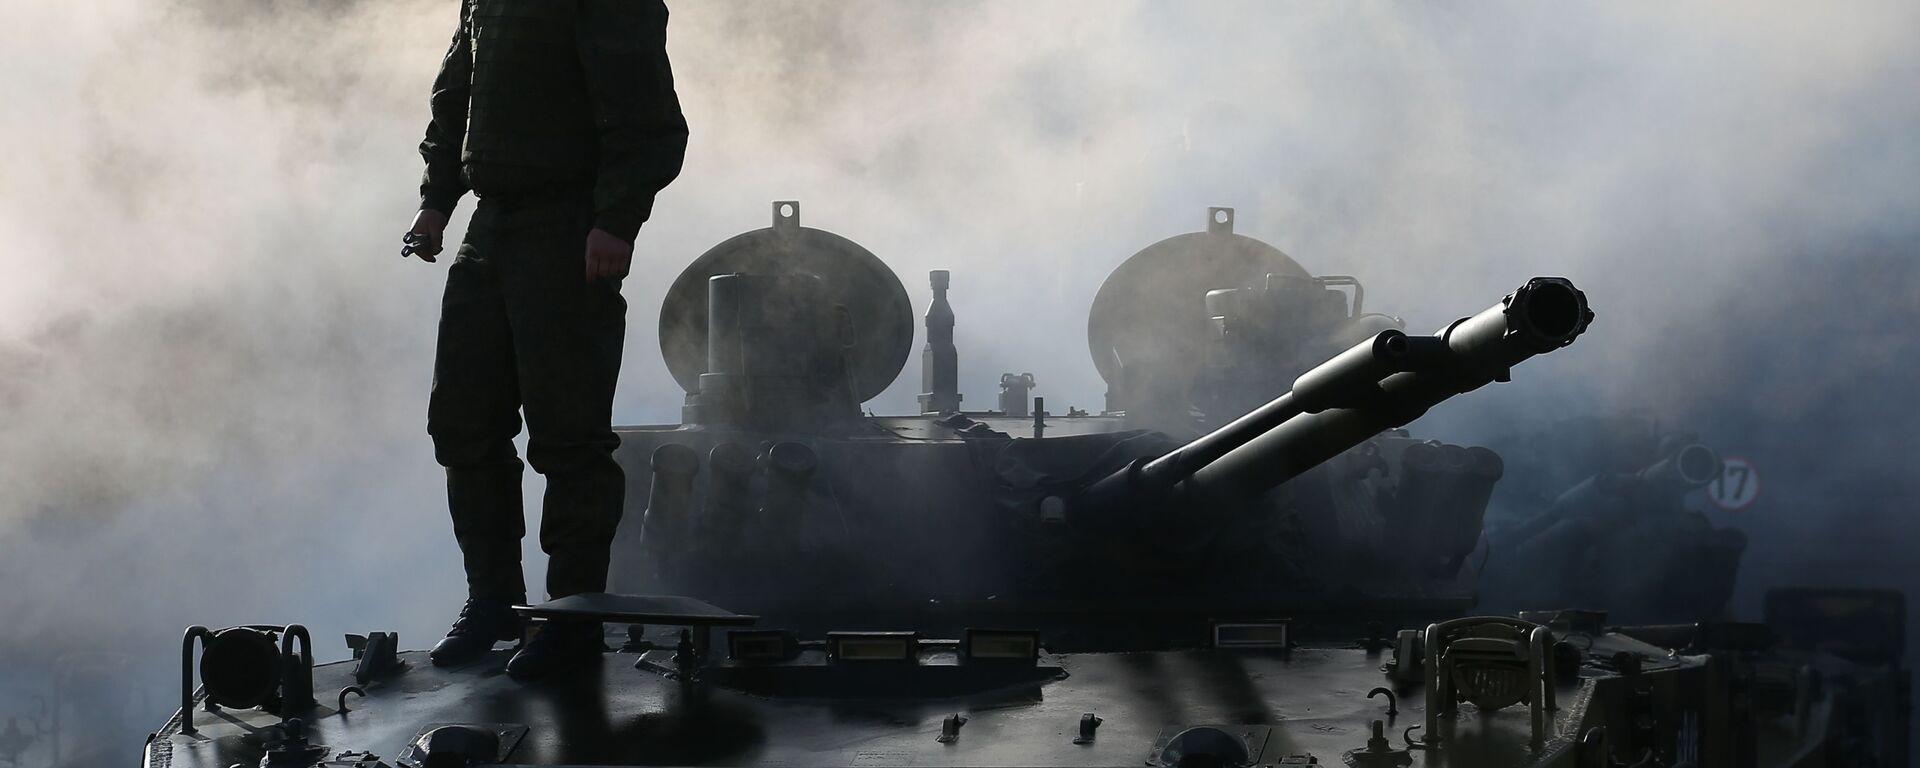 Передача боевых машин на вооружение десантно-штурмовой дивизии ВДВ - Sputnik Česká republika, 1920, 29.04.2021